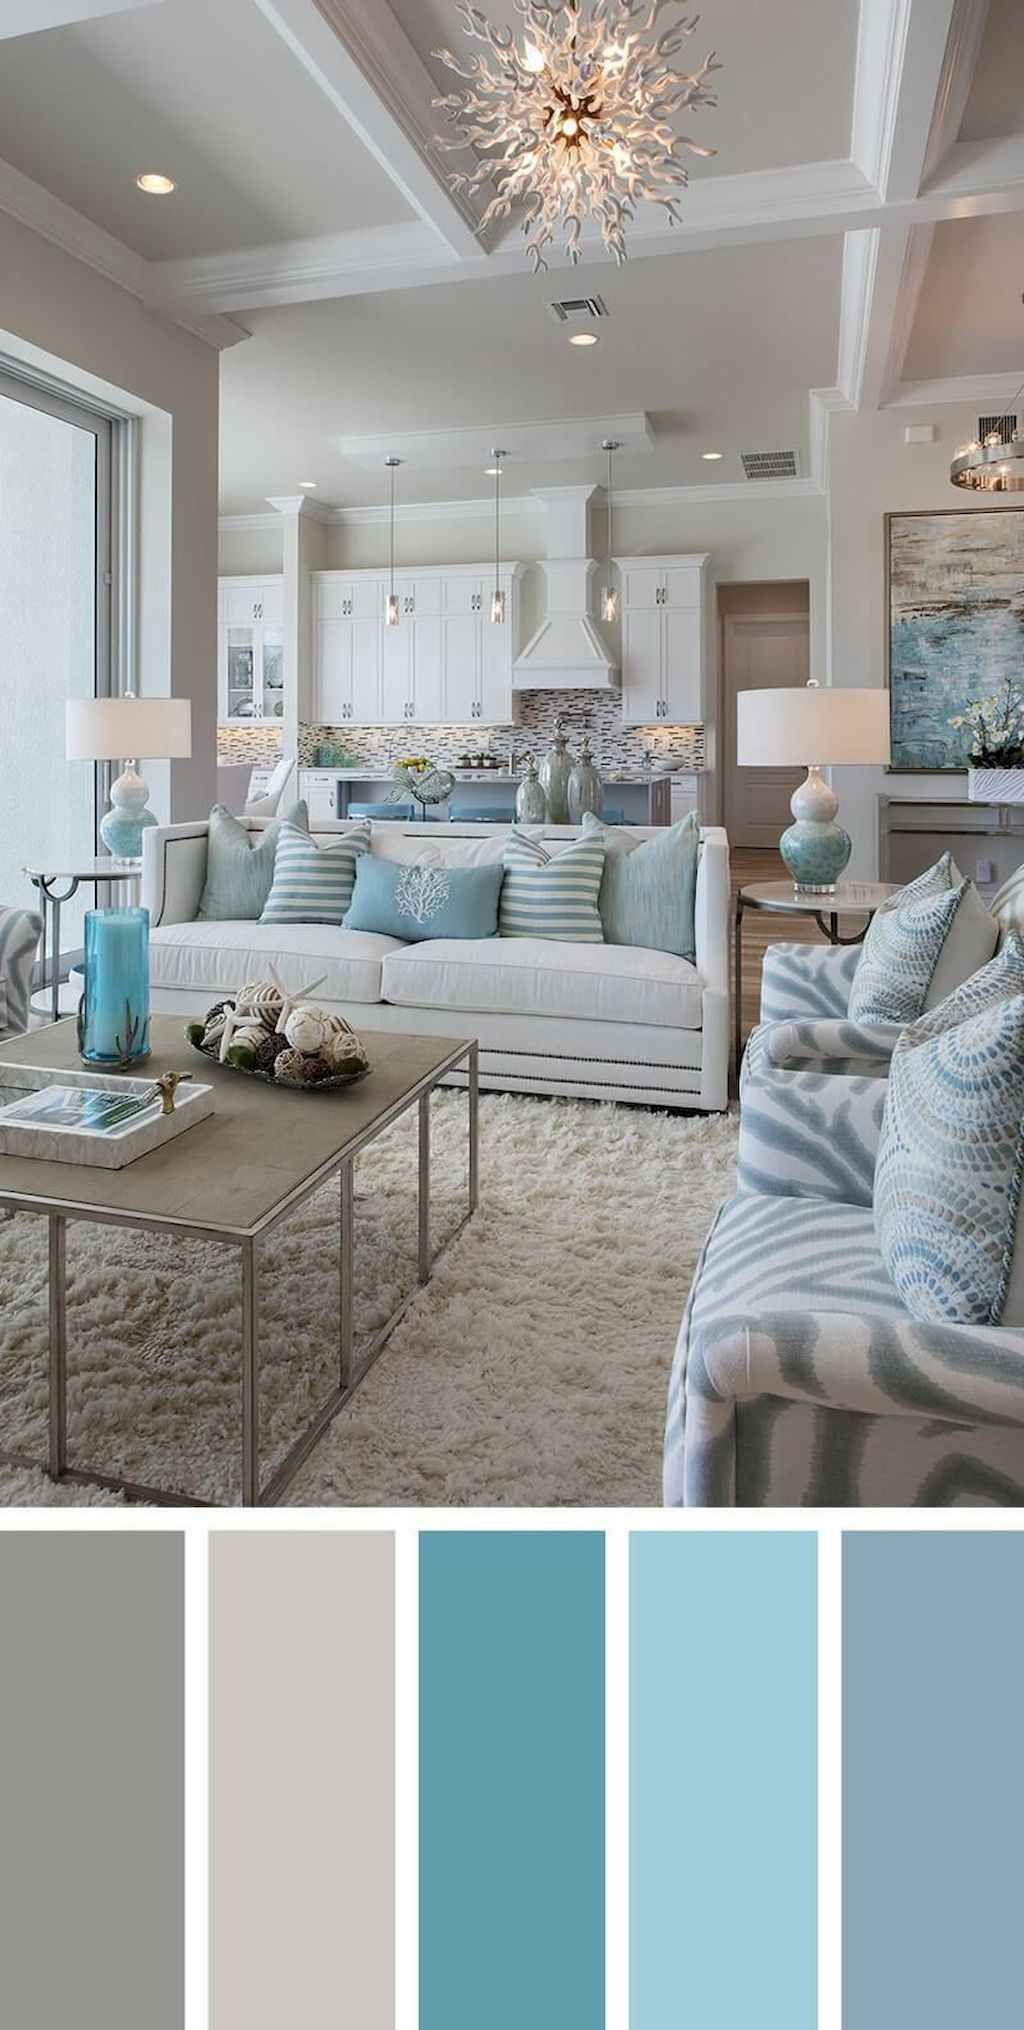 46 Beautiful Apartment Living Room Design Ideas Browsyouroom In 2020 Apartment Living Room Design Apartment Living Room Paint Colors For Living Room